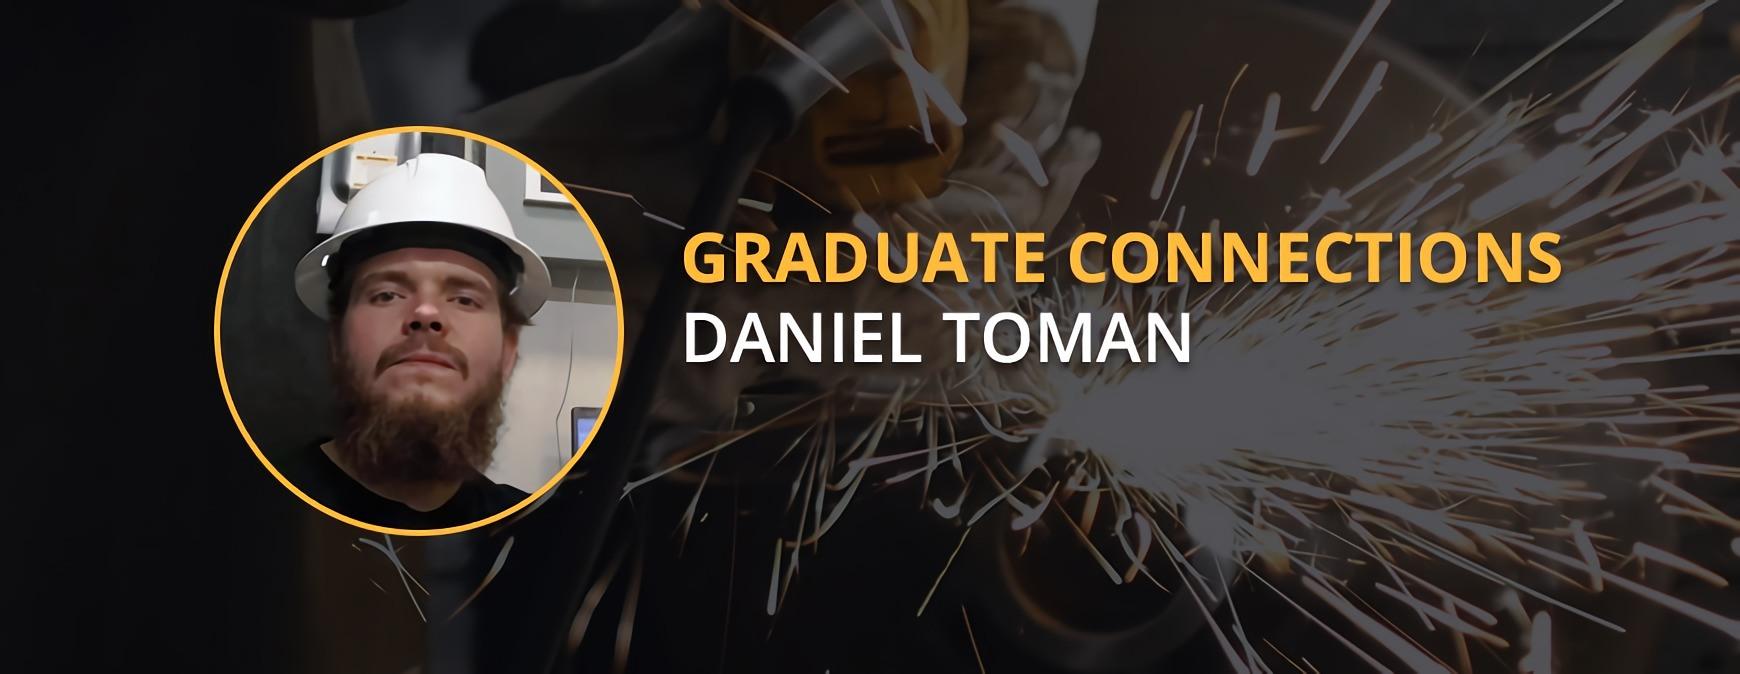 Daniel Toman Graduate Connections